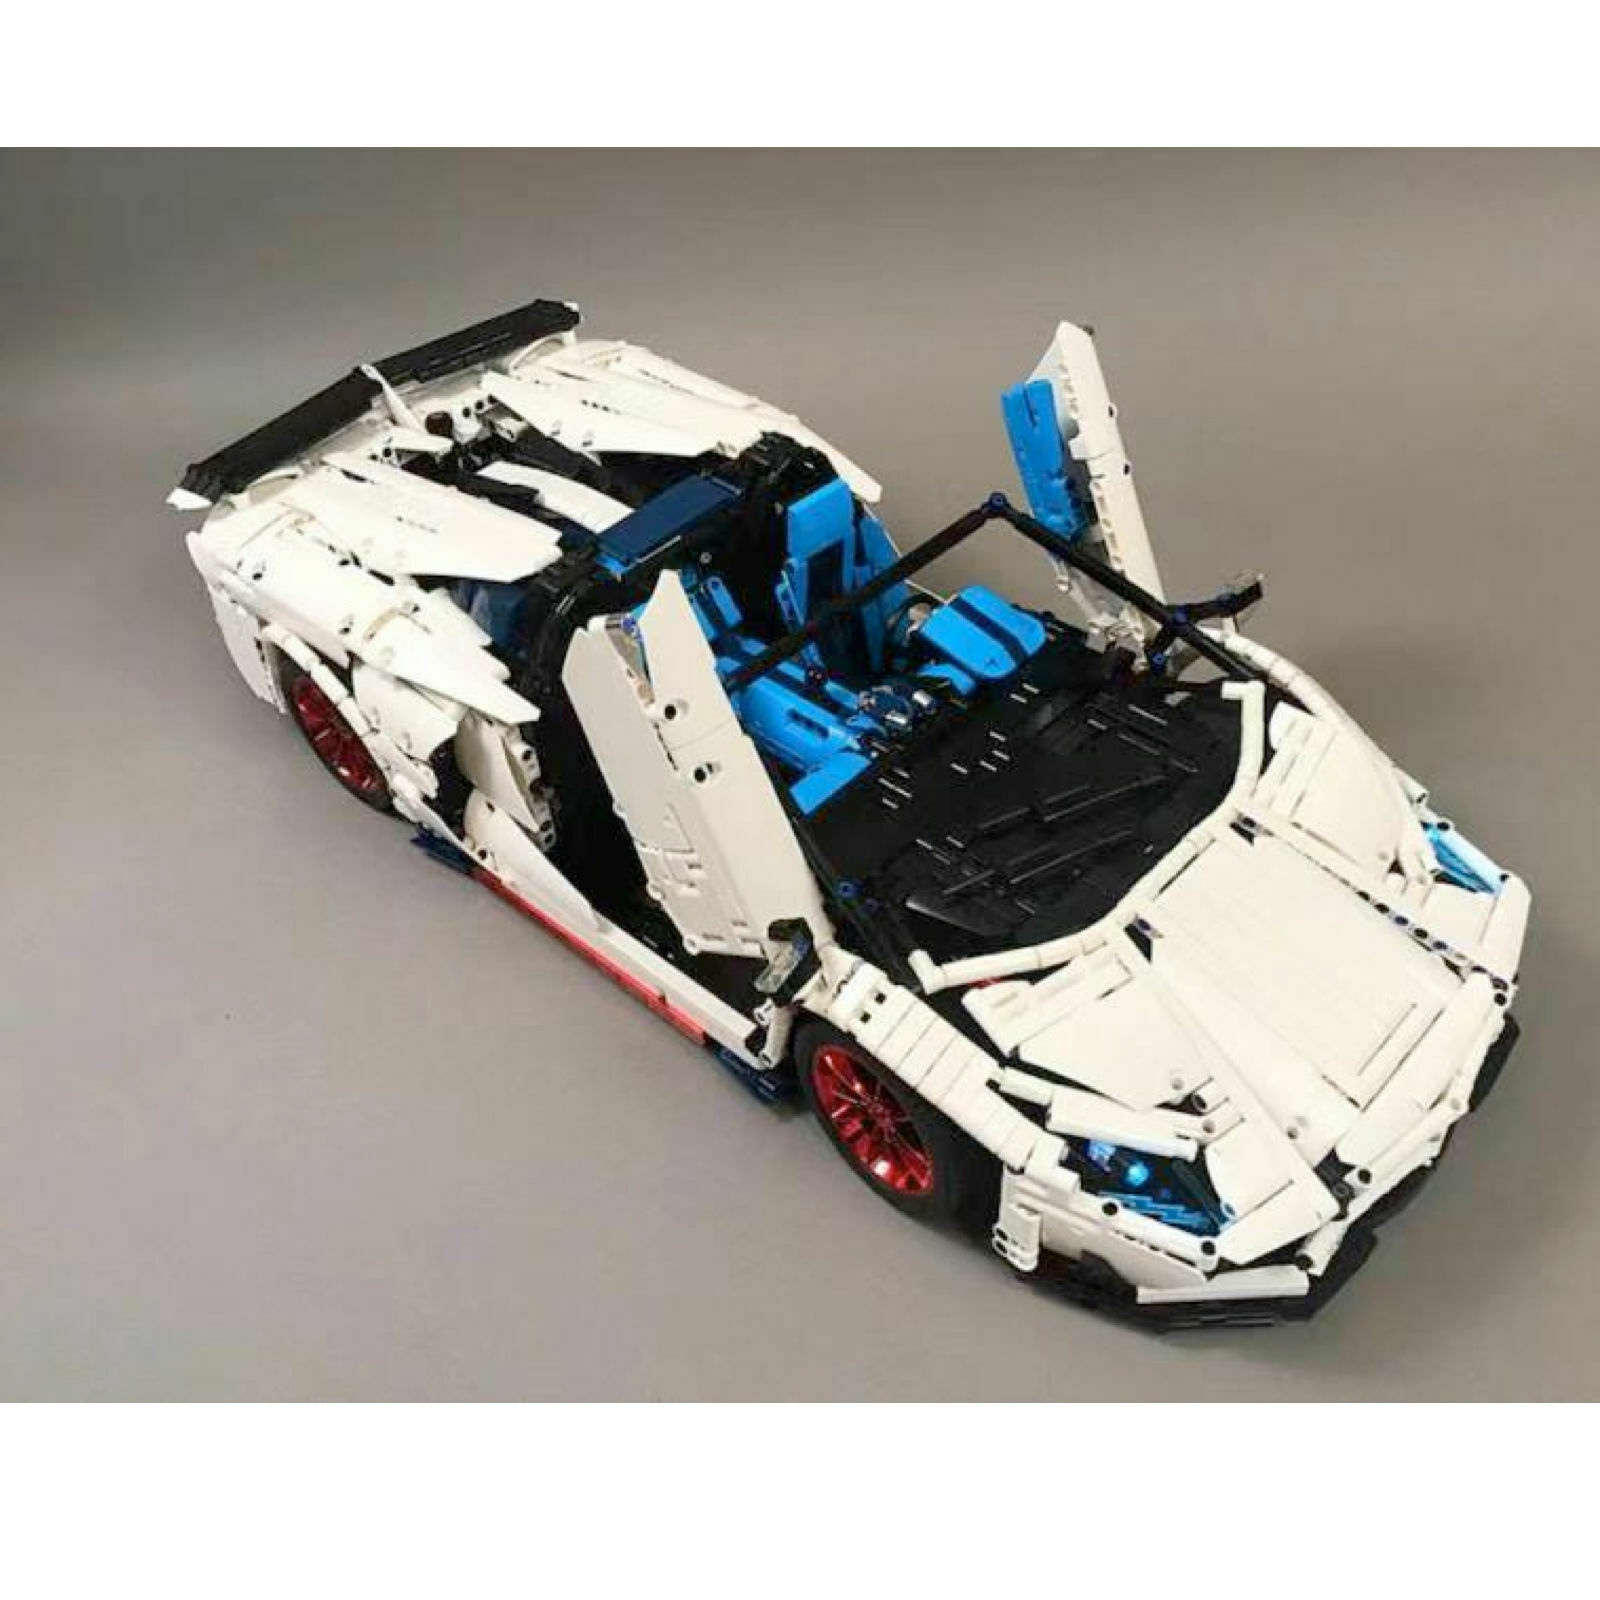 Lego Compatibile TECHNIC 17698 Lamborghini Aventador SVJ Roadster, limited  edit  juste l'acheter